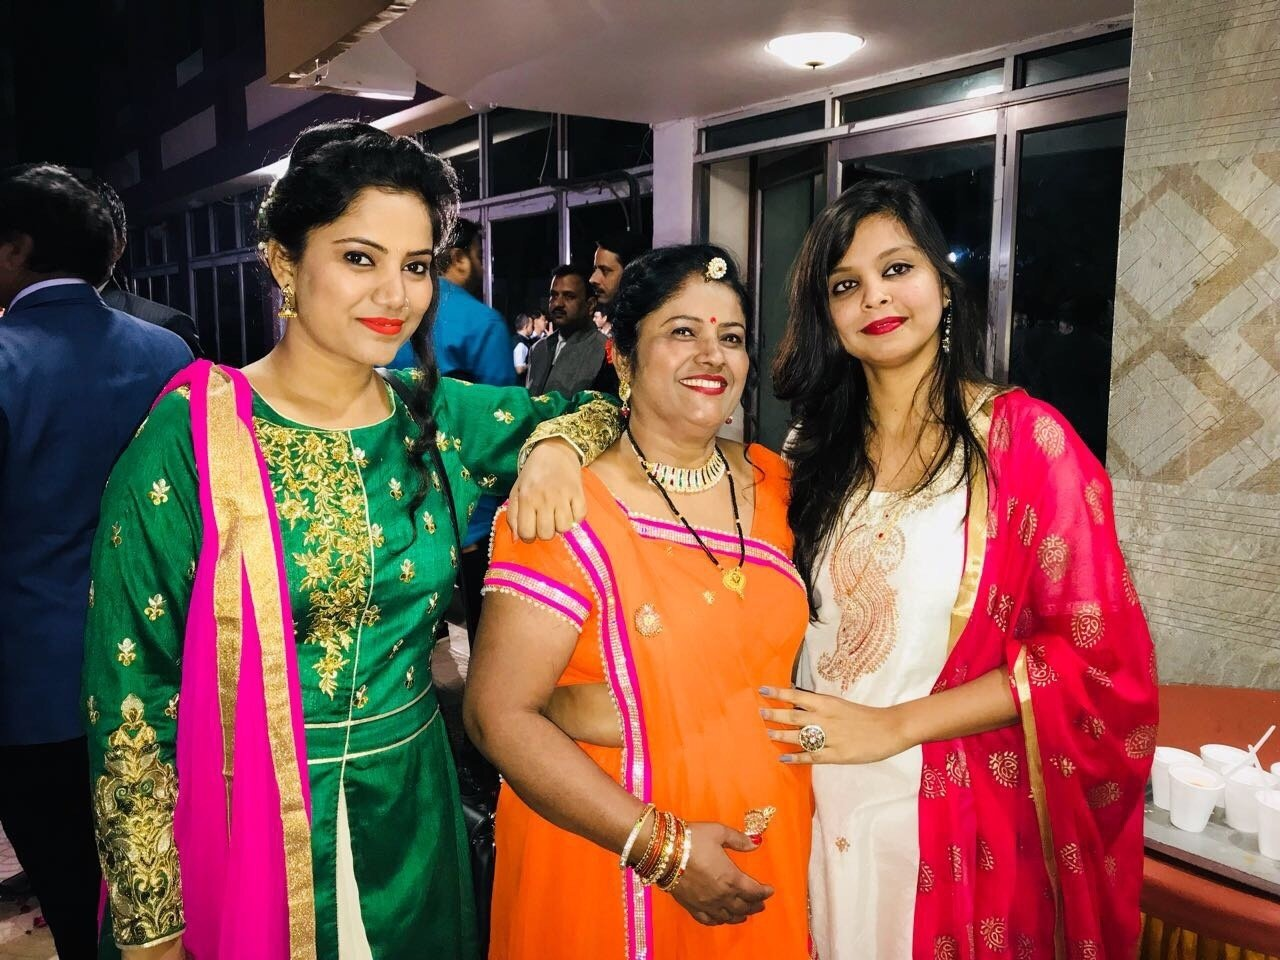 बेटी ने ढूंढा अपनी विधवा माँ के लिए जीवनसाथी, समाज की पिछड़ी सोच को तोड़  करवाई दूसरी शादी - Namanbharat